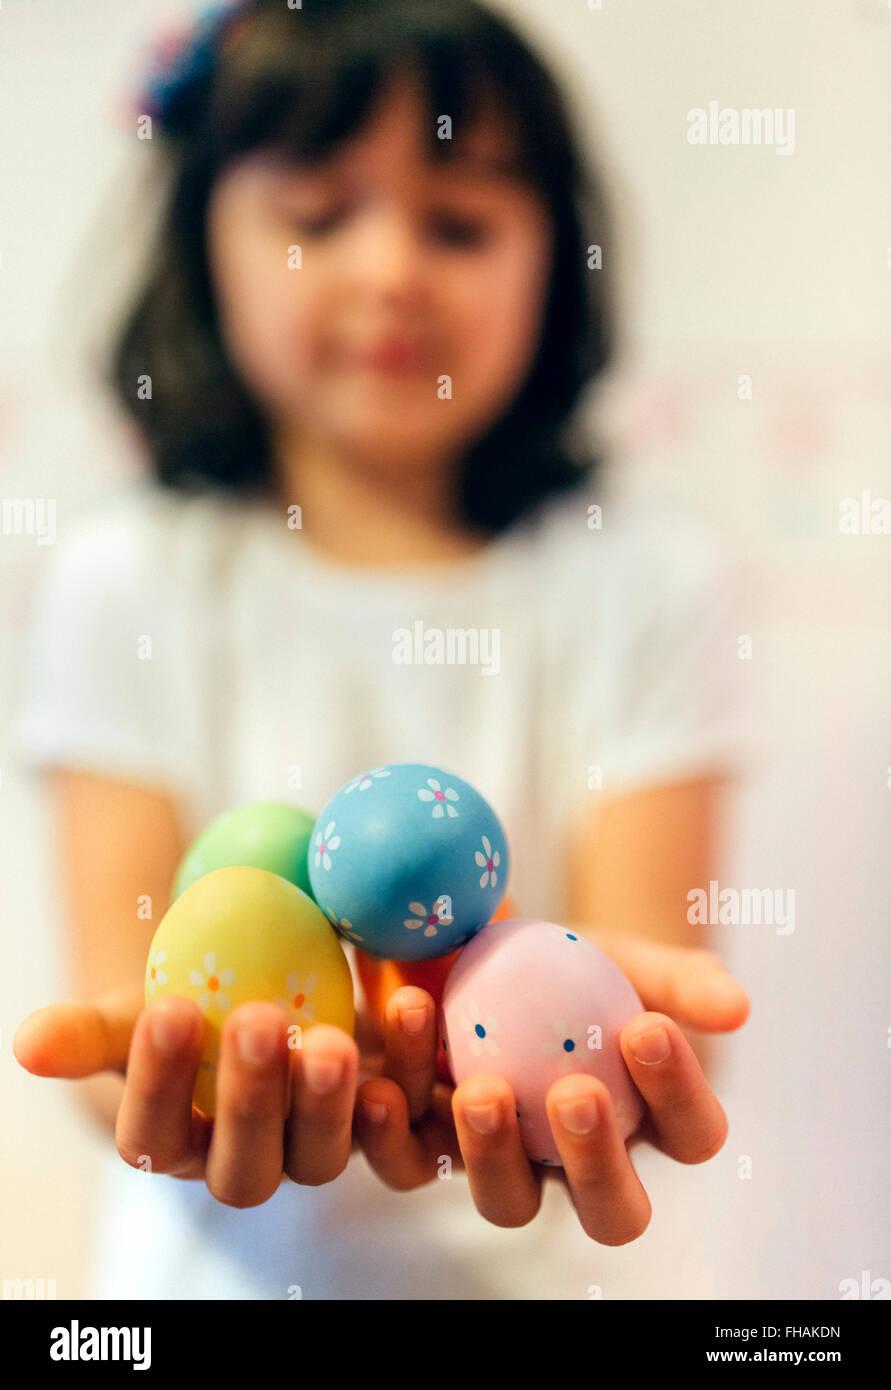 Girl's hands holding a peint des oeufs de Pâques Photo Stock